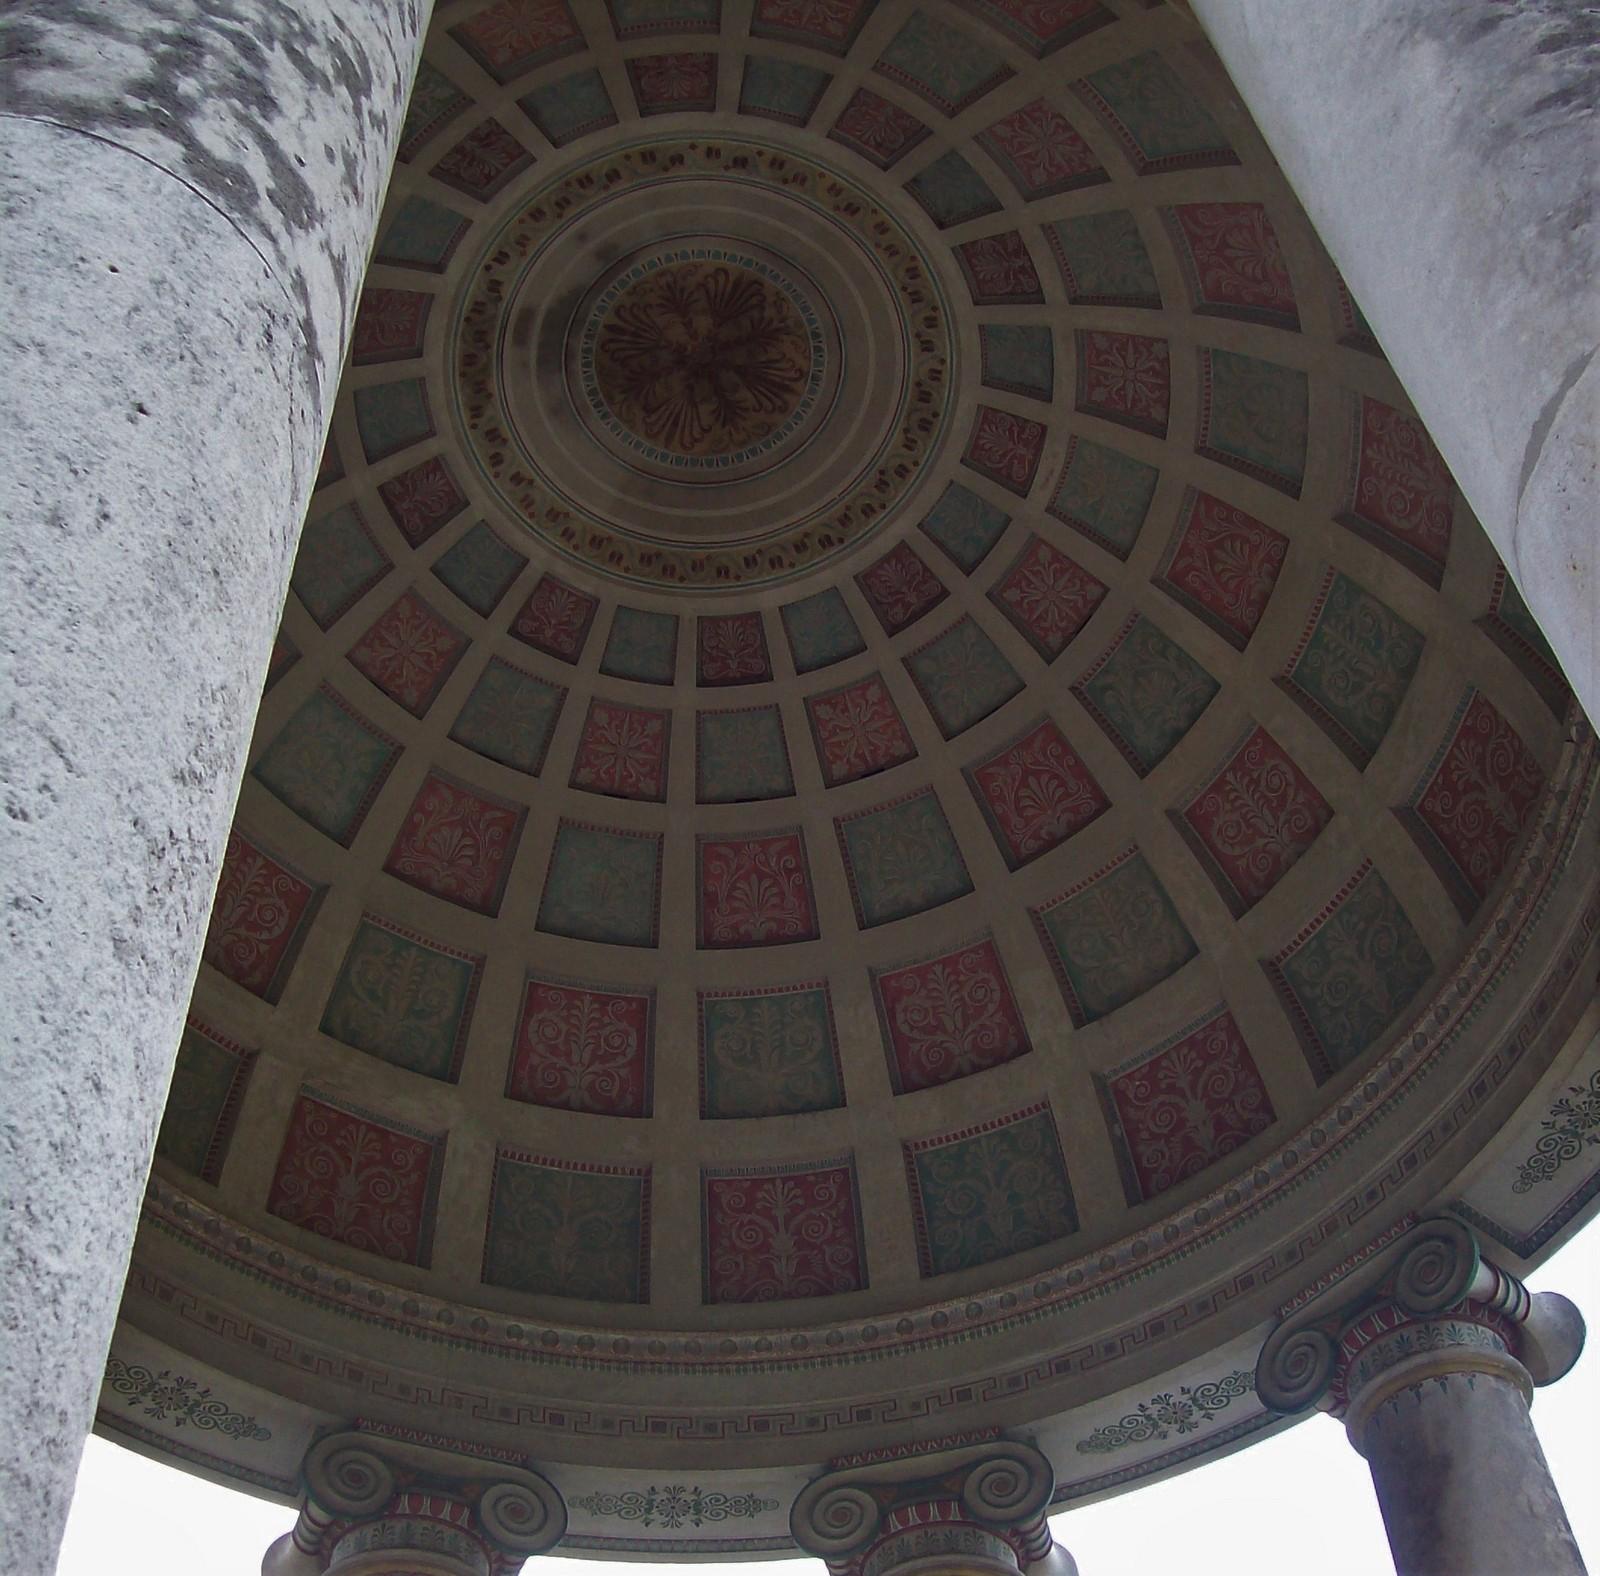 Der Englische Garten - Kuppel vom Monopteros